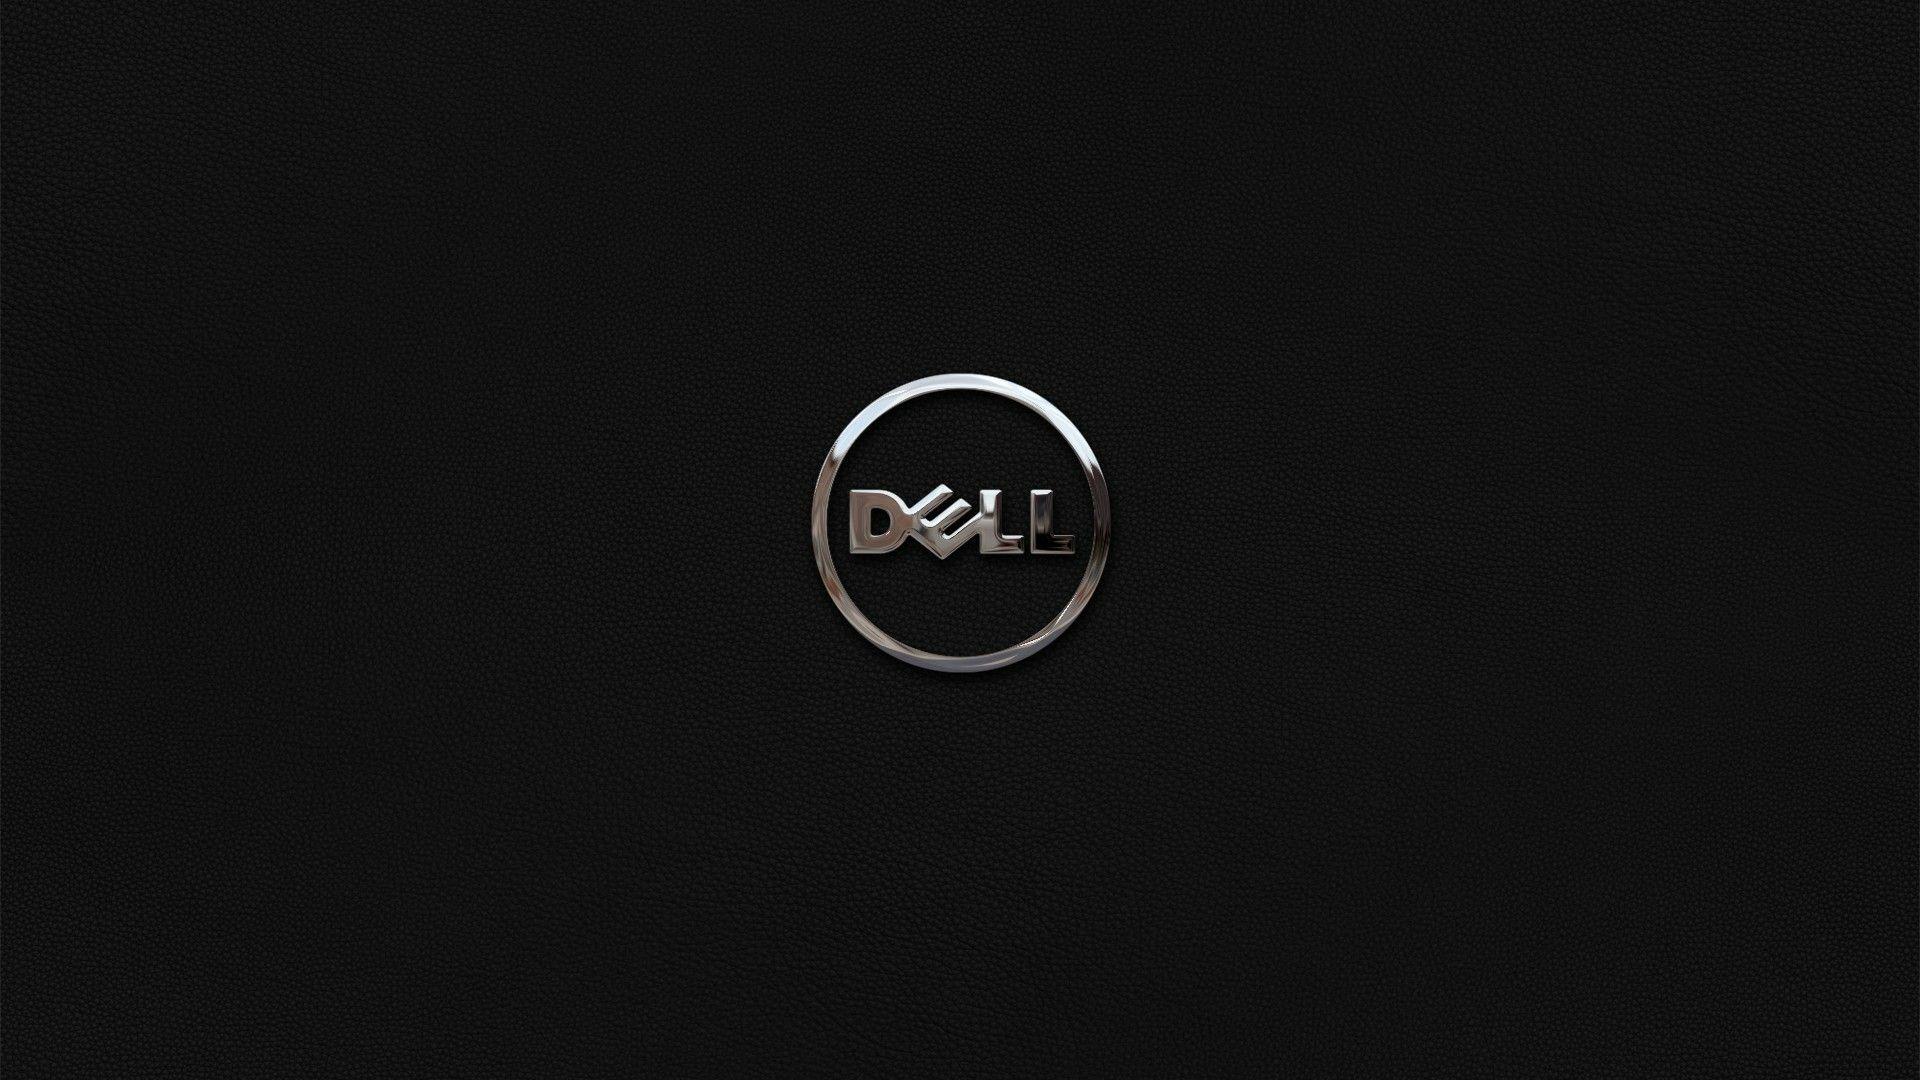 Pin by Phasok Honn on Desktop wallpaper in 2019 | Dell